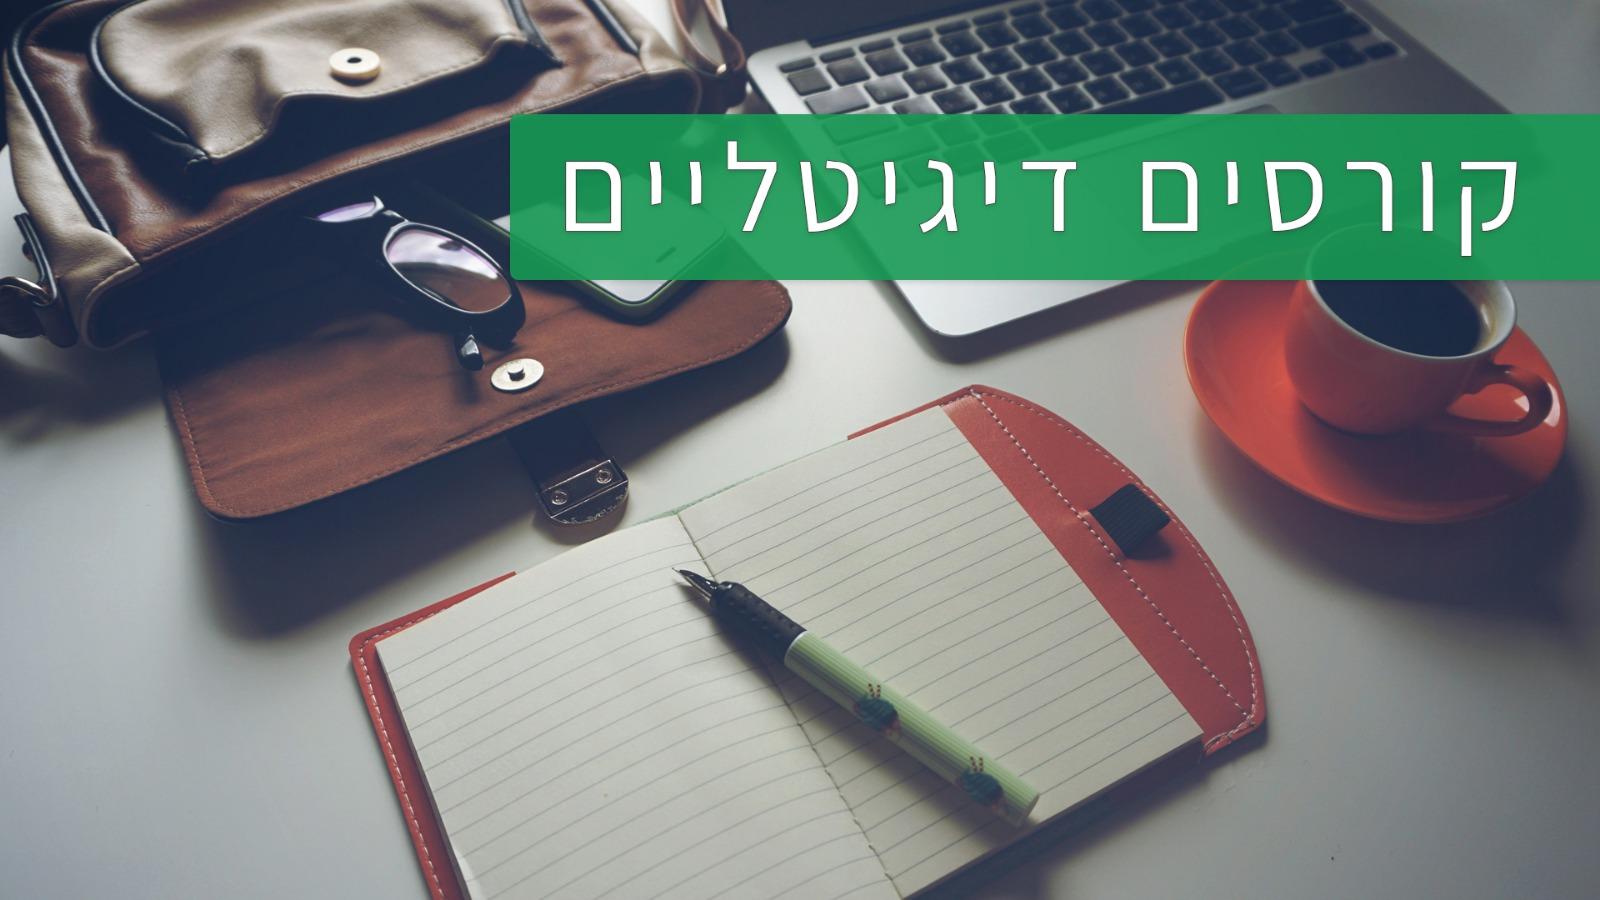 אלעד שבר תקשורת מנצחת | קורסים דיגיטליים